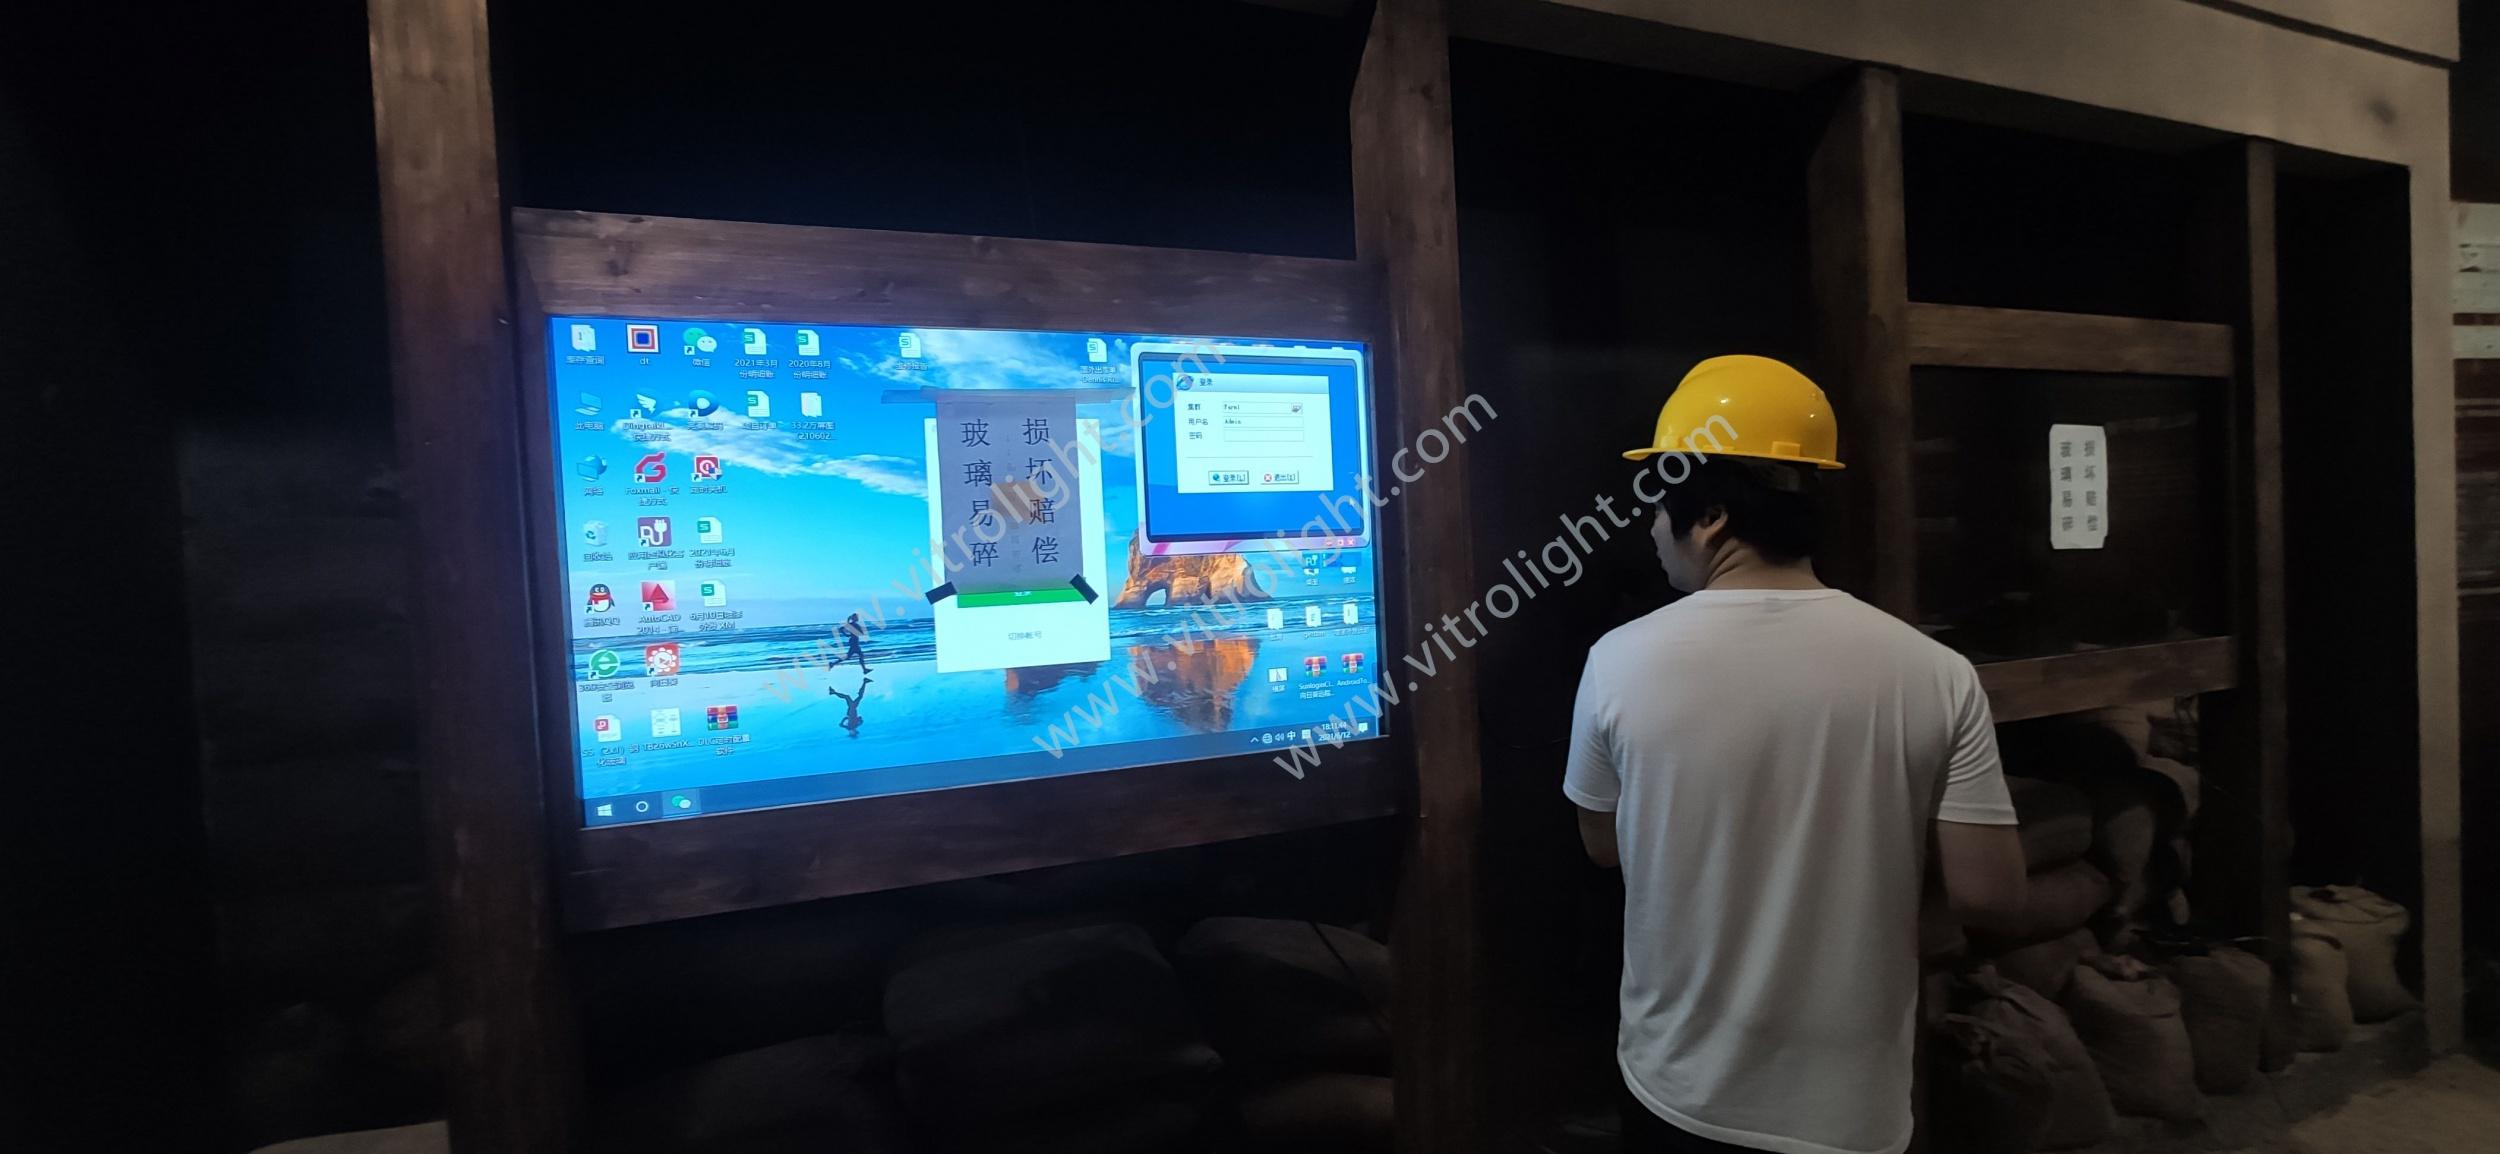 南京亚太嘉园智能空间55寸透明屏项目